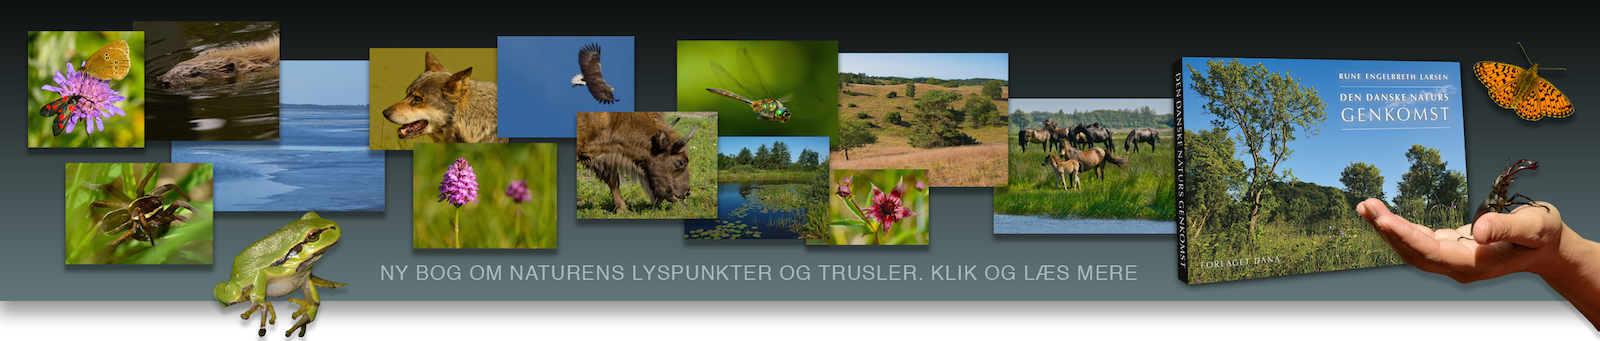 Den danske naturs genkomst – ny bog af Rune Engelbreth Larsen